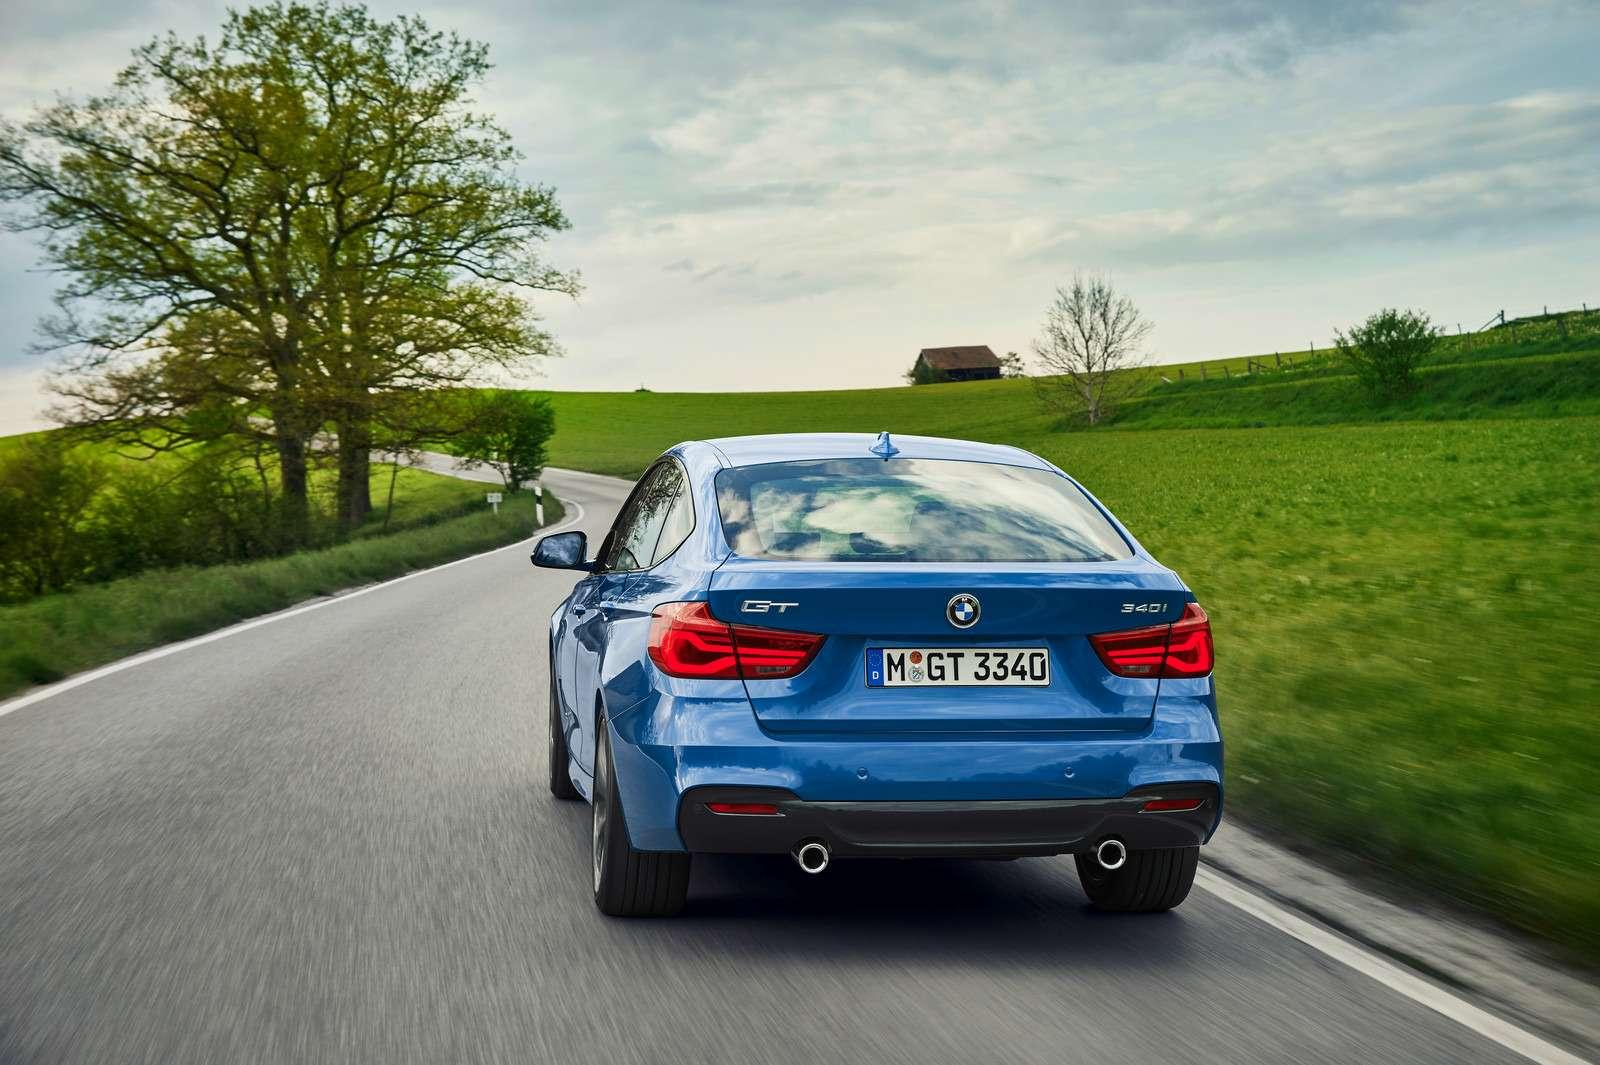 Обновленный BMW 3-й серии GT: урок эффективного менеджмента— фото 593863